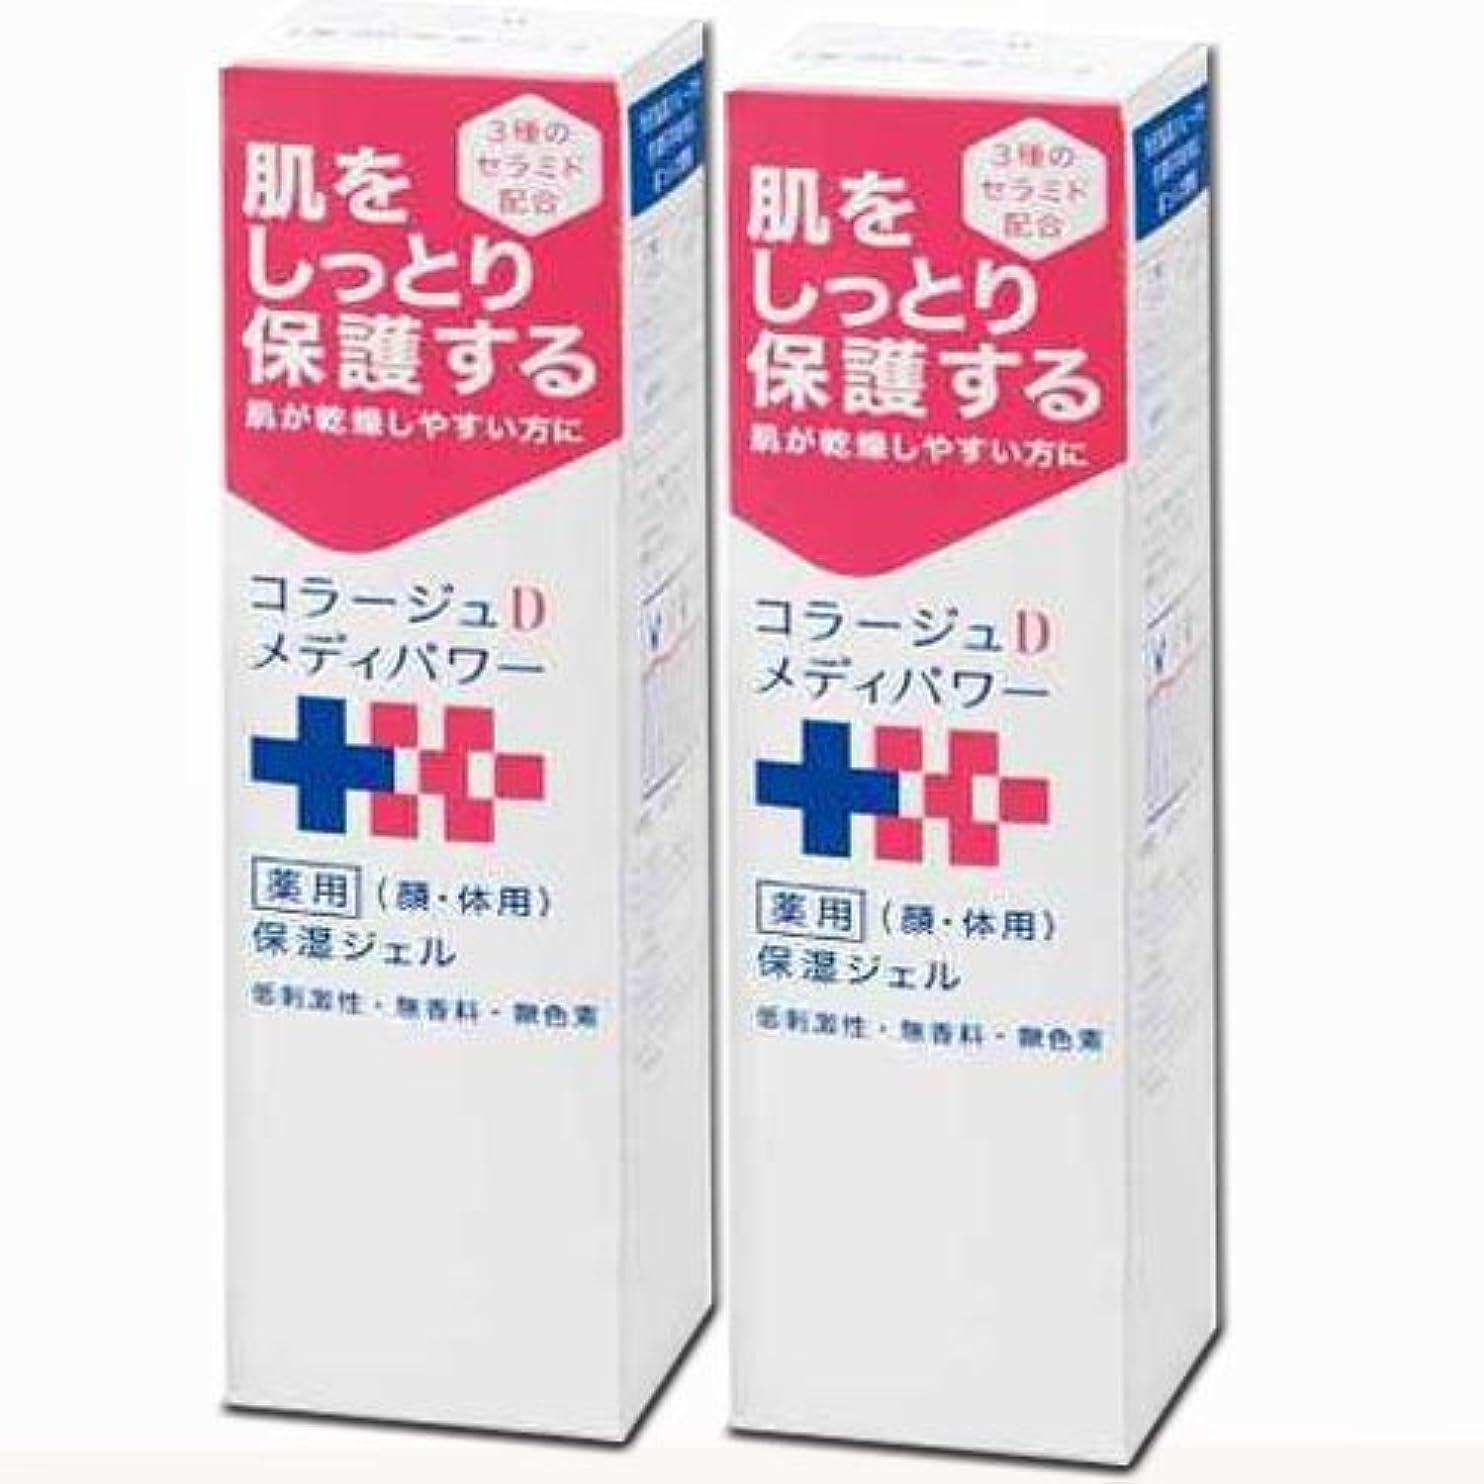 消化騙すカーフ【2個】持田製薬コラージュDメディパワー保湿ジェル 150ml×2個 (4987767650012-2)